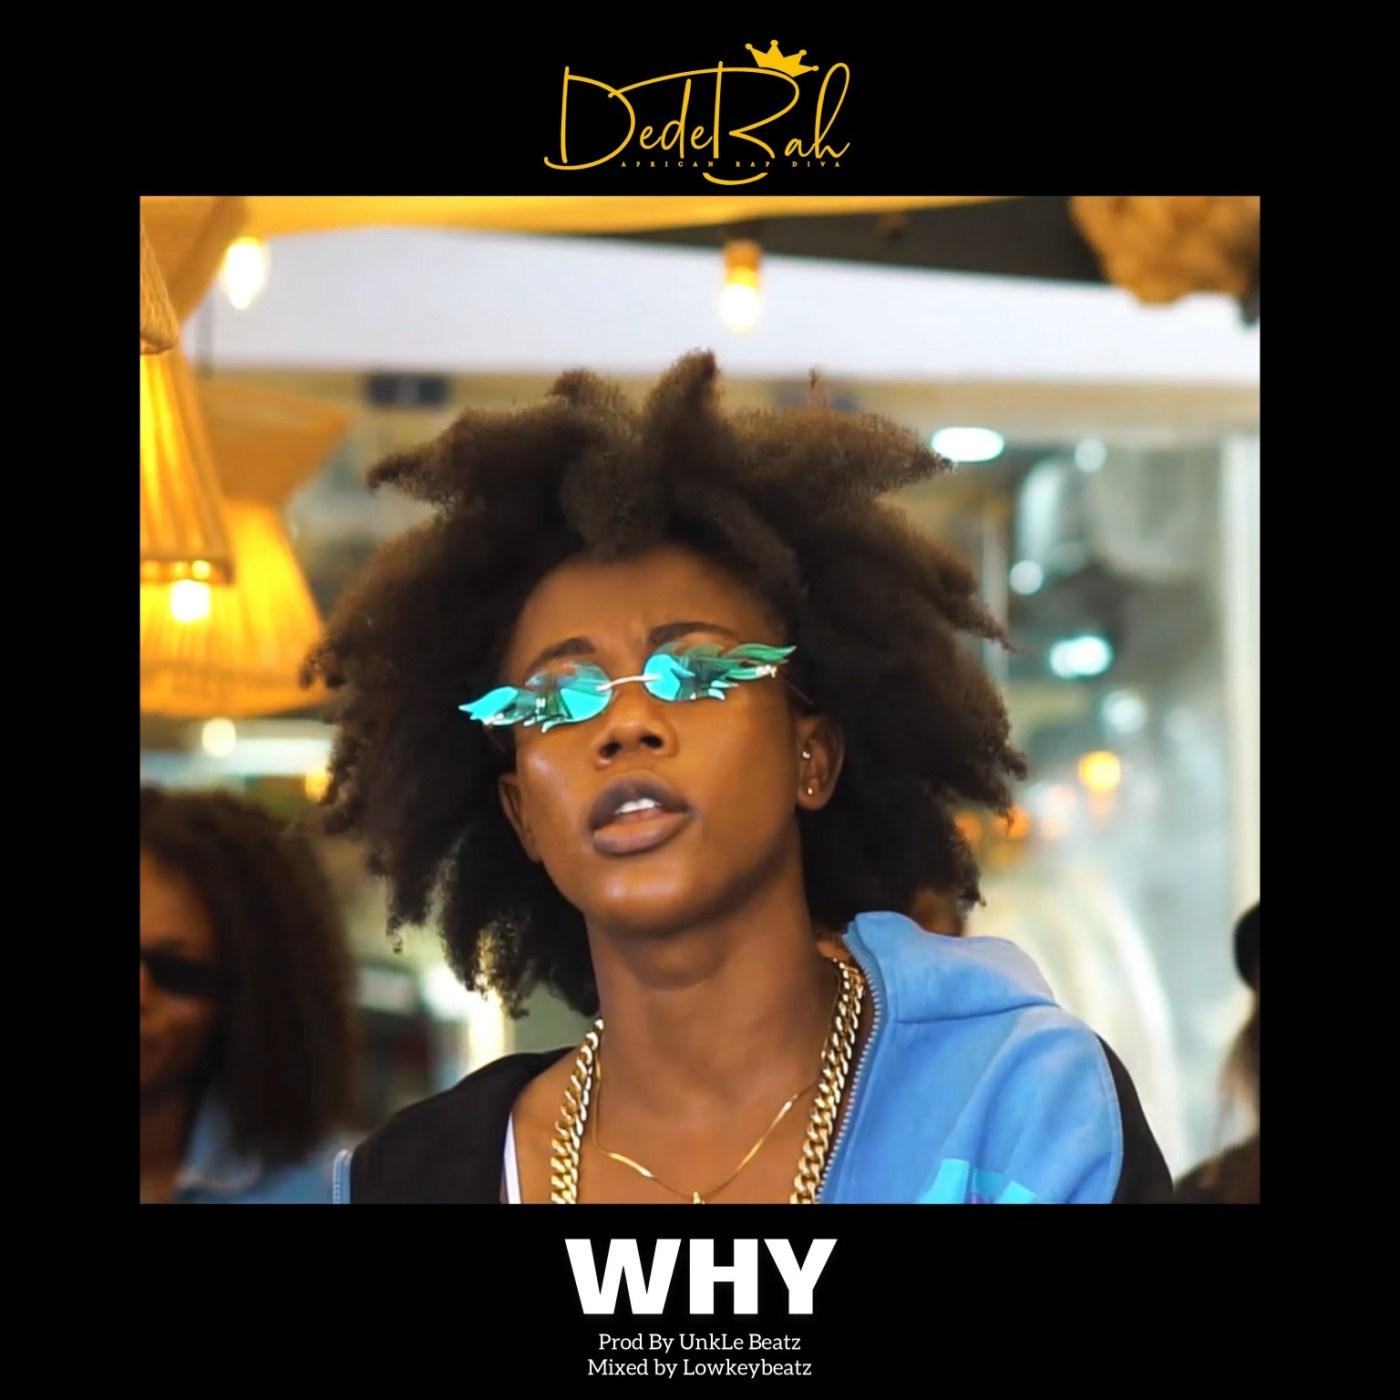 Dedebah - Why